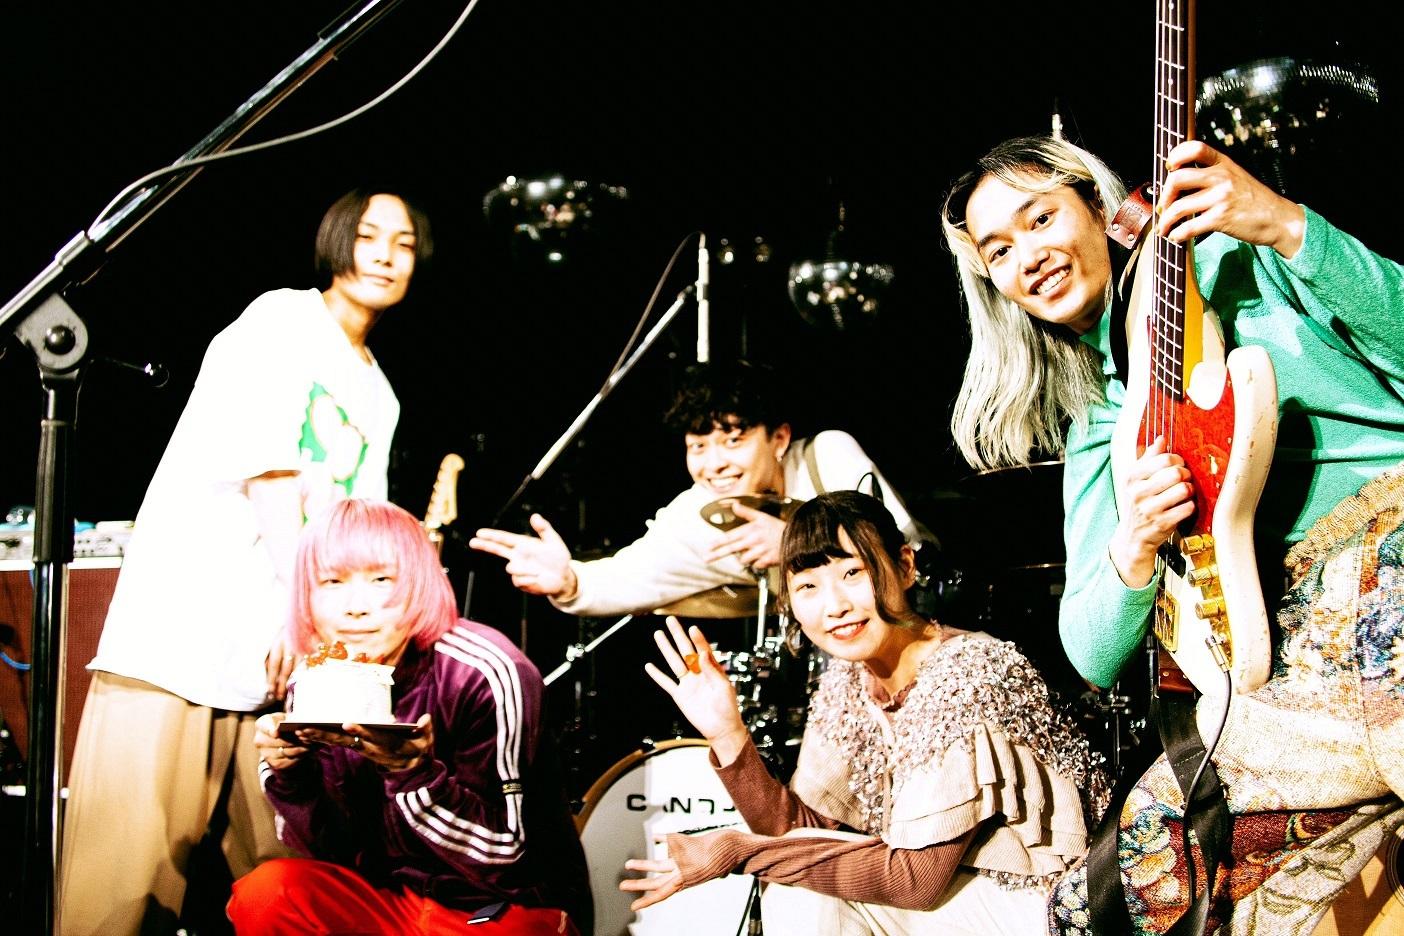 2月25日「体温の確かめ方 TOUR '21」最終公演@渋谷 WWW ライブ写真  Photo by 瀬川 ダイジュ